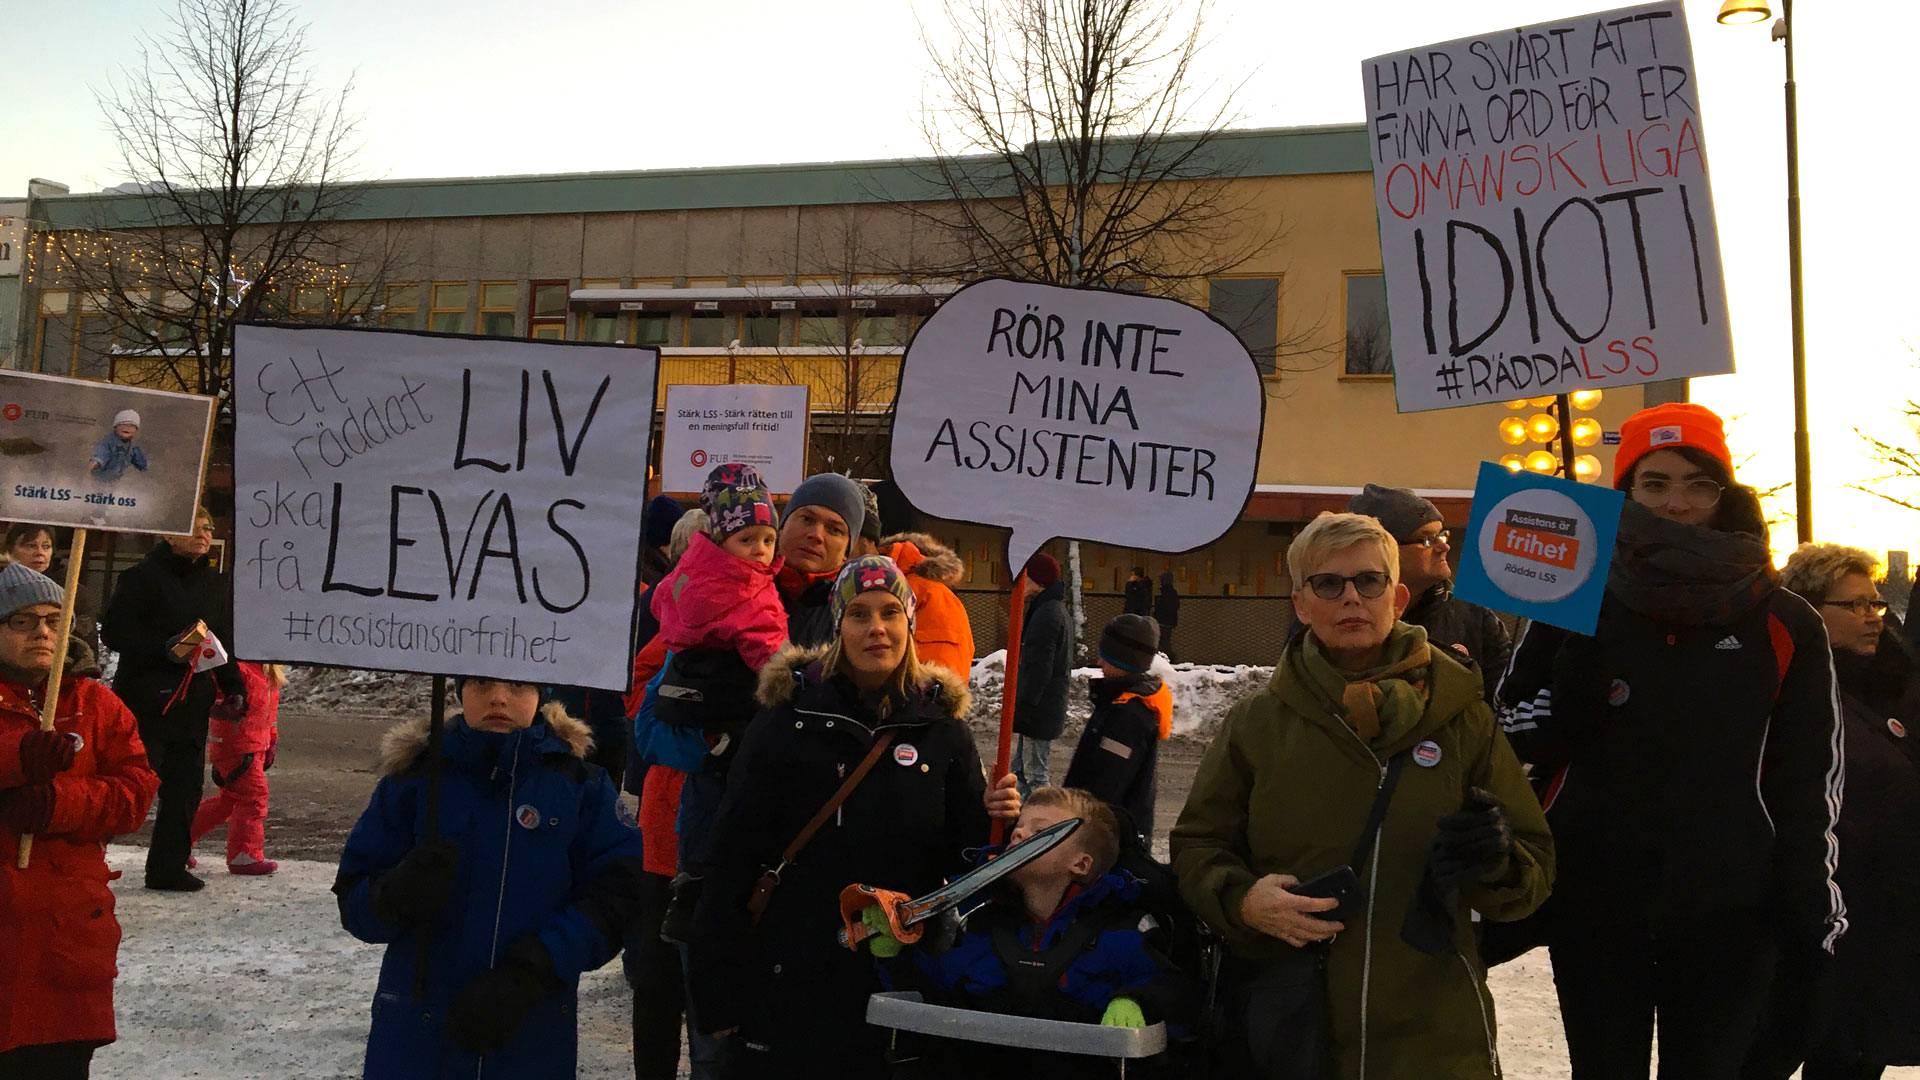 Nya protester mot svt s planerade nedskarningar